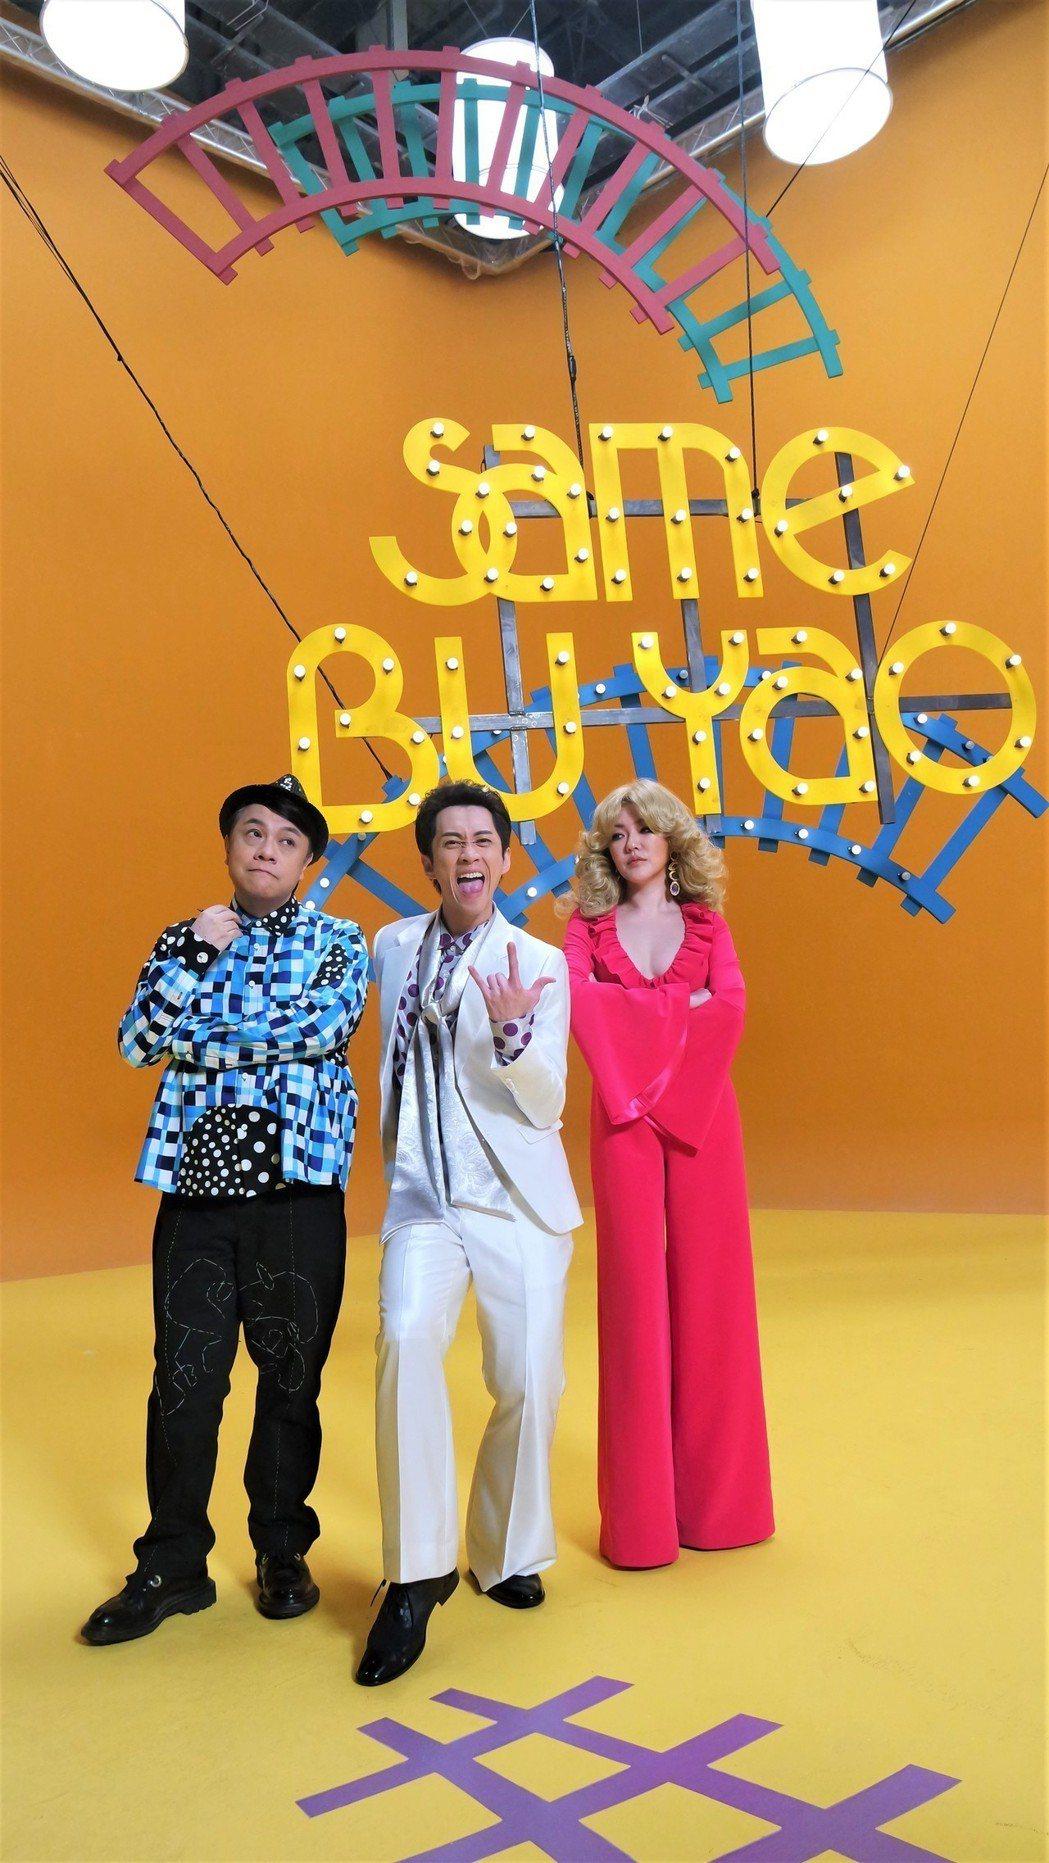 陳漢典新歌「先不要」MV,找來小S和蔡康永助陣。圖/有聲娛樂提供